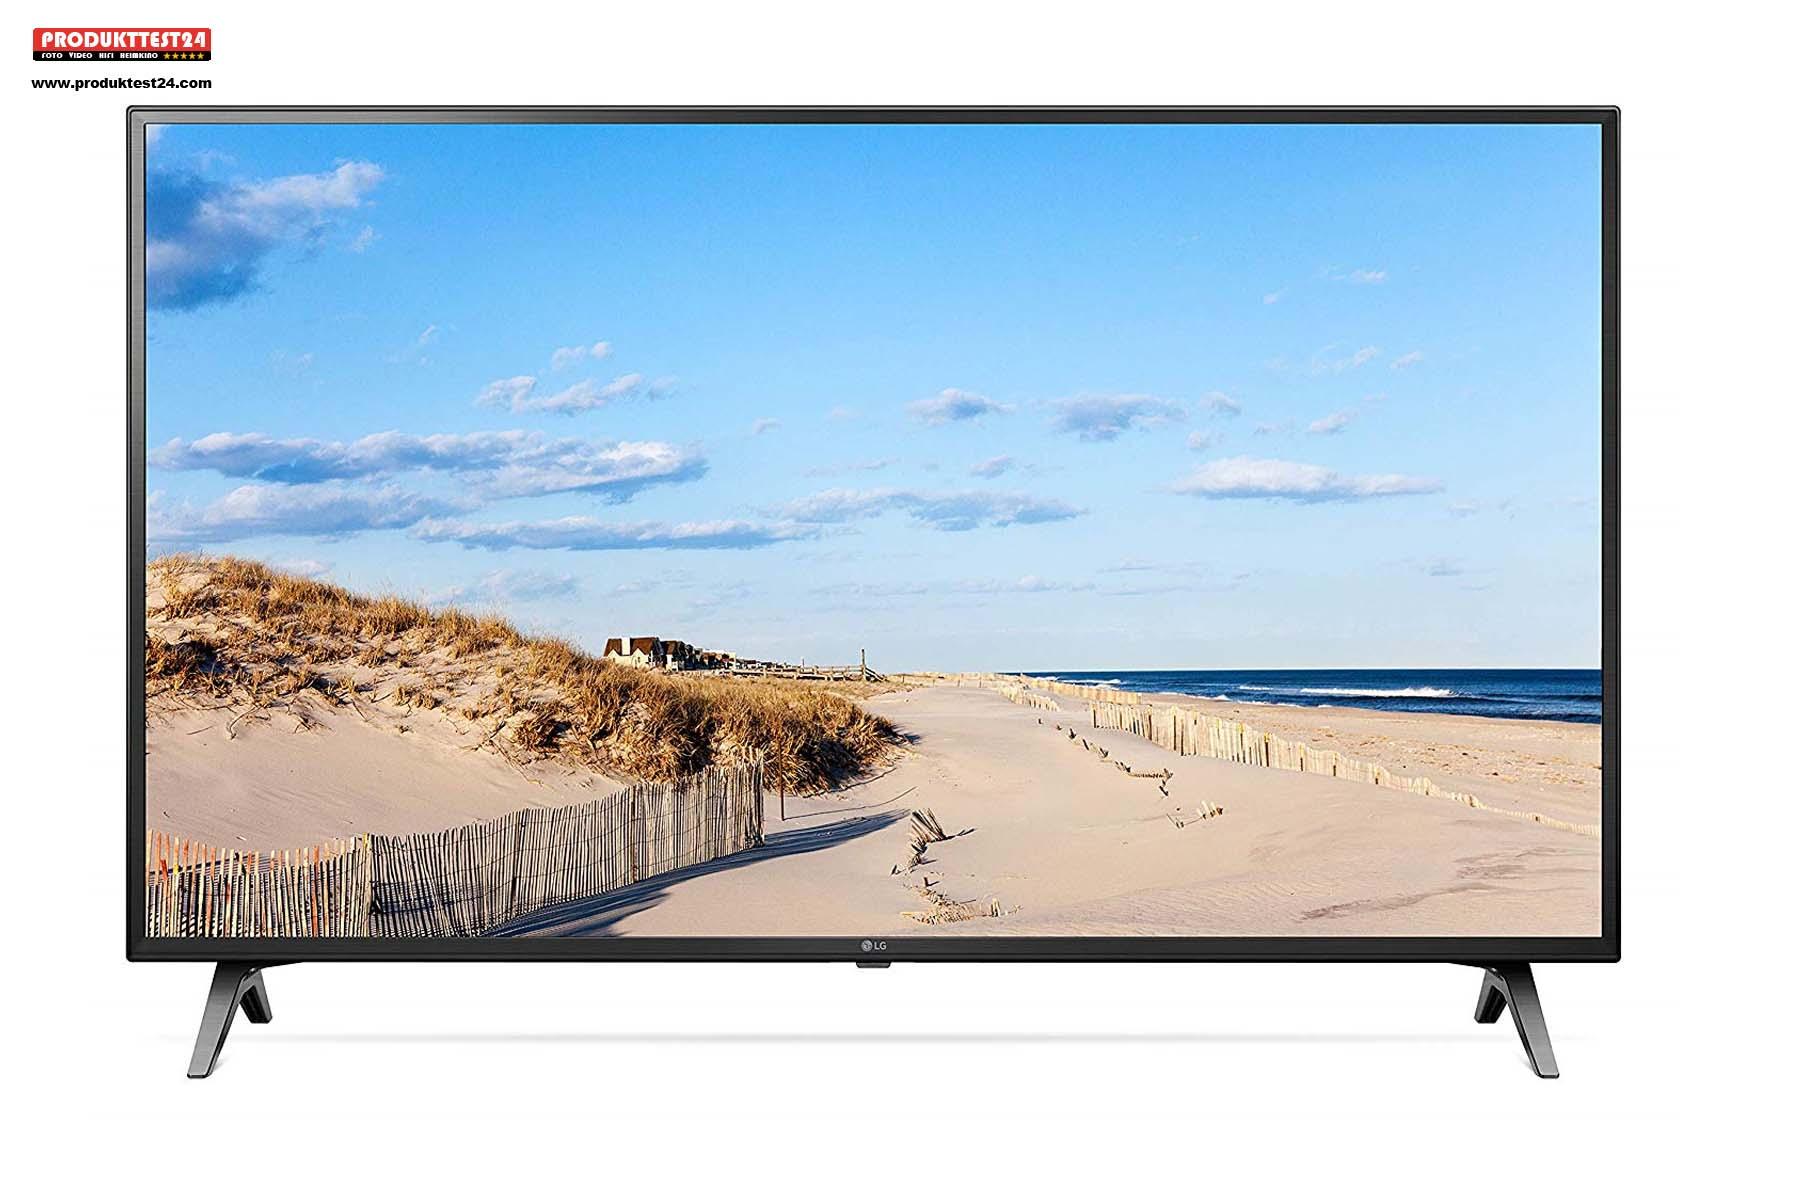 Der preiswerte LG 65UM7000PLA Ultra HD 4K Fernseher